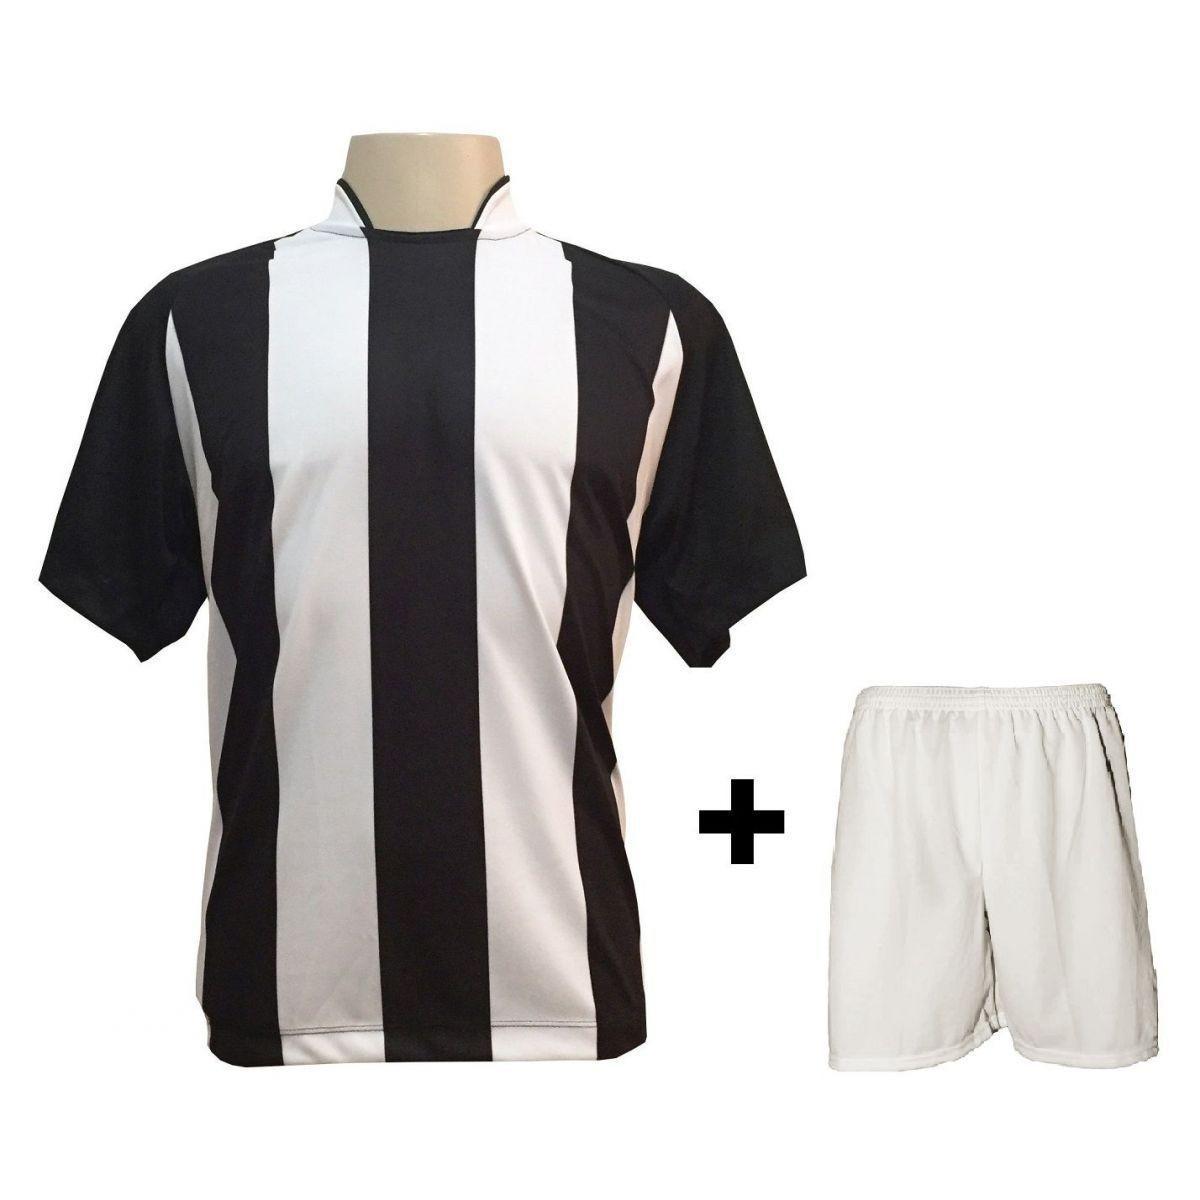 Uniforme Esportivo com 18 camisas modelo Milan Preto Branco + 18 calções  modelo Madrid + 1 Goleiro + Brindes - Play fair - Futebol - Magazine Luiza 0e6c998a5cc39